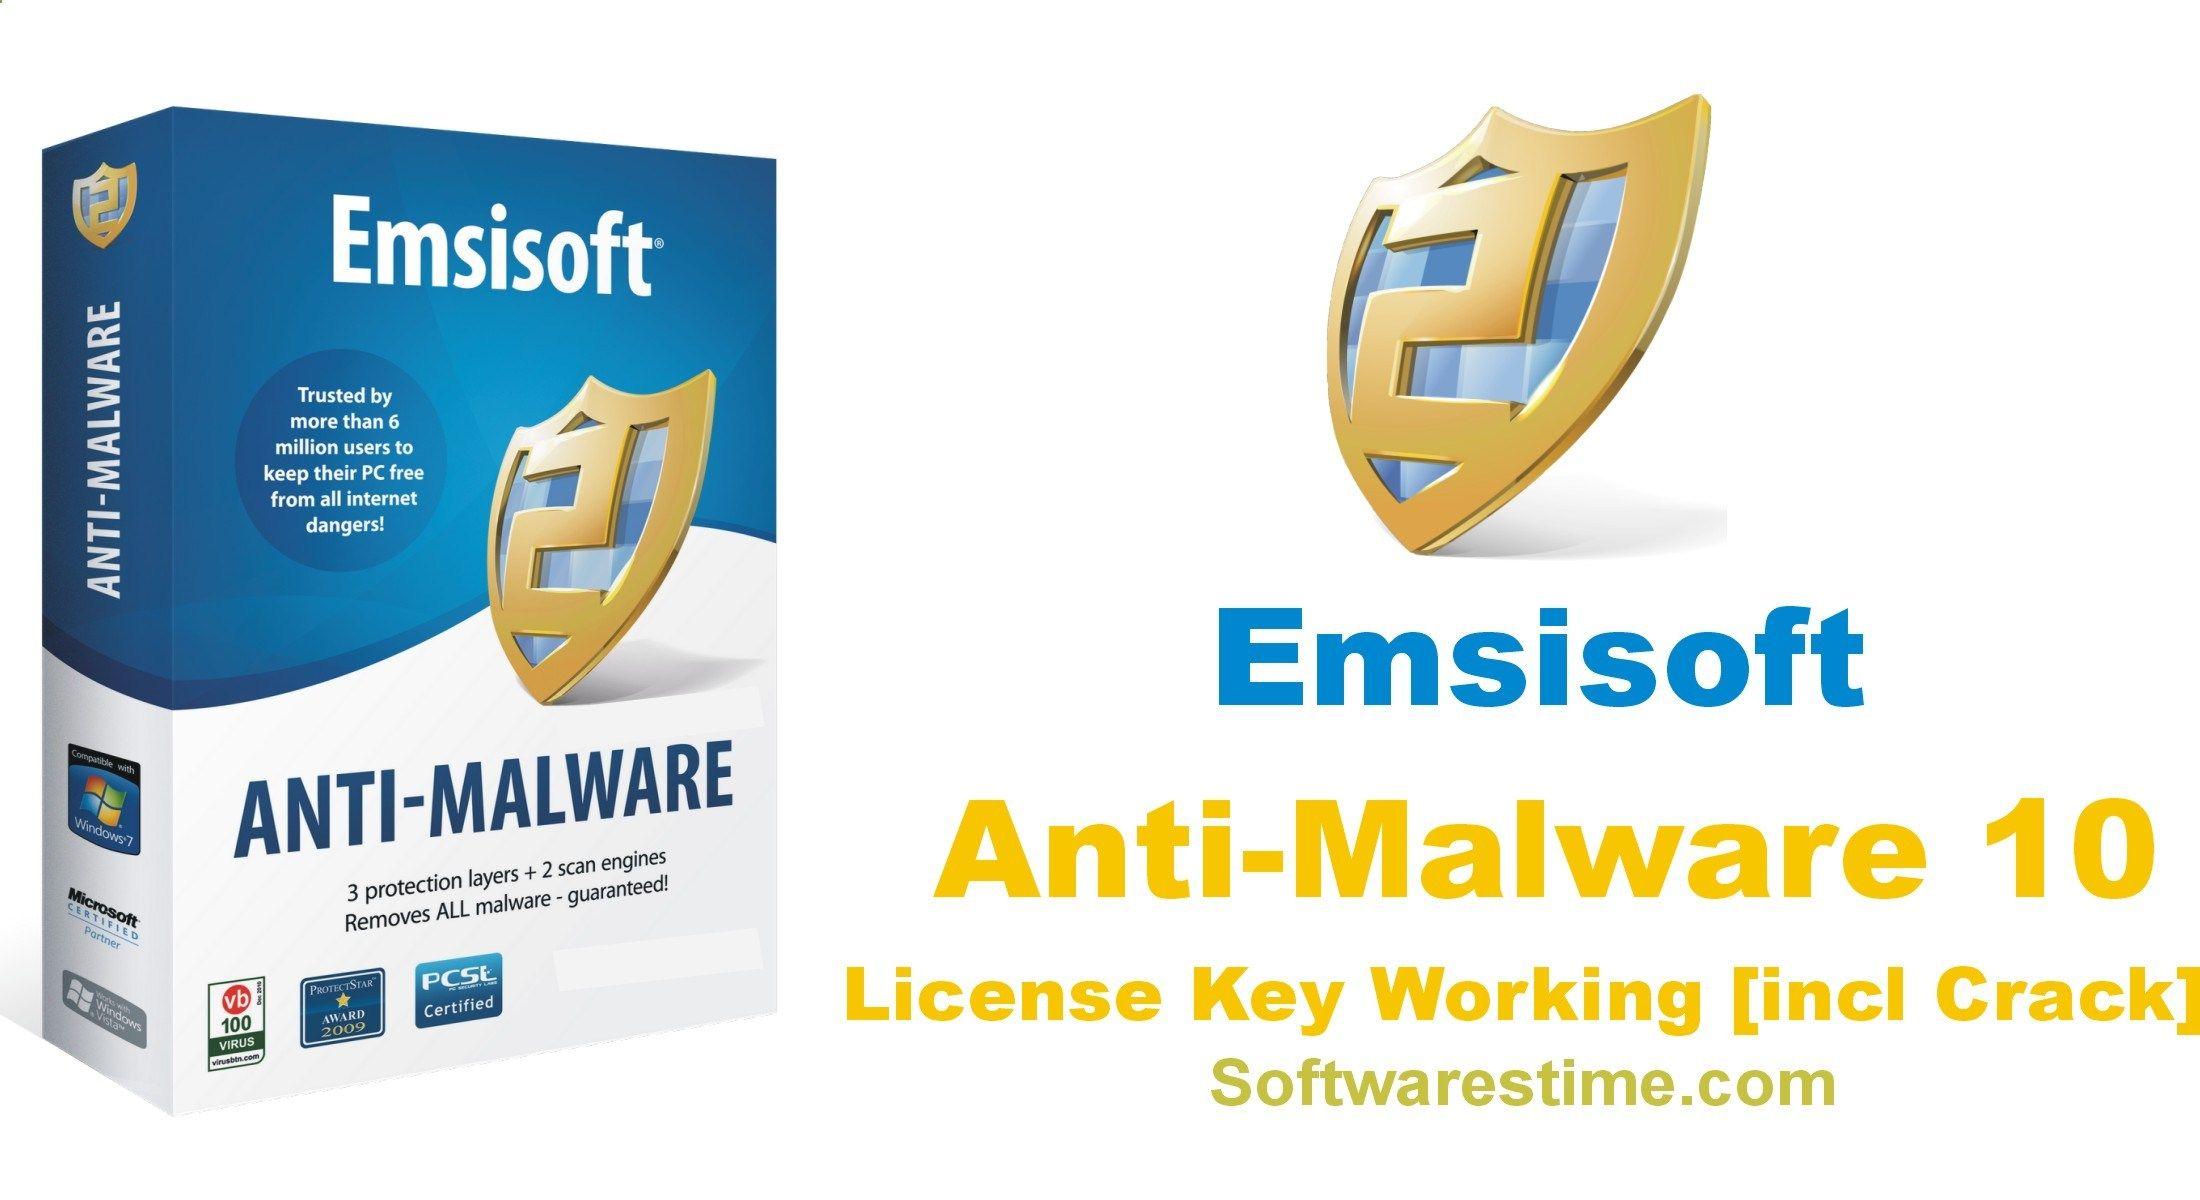 emsisoft anti malware 10 license key